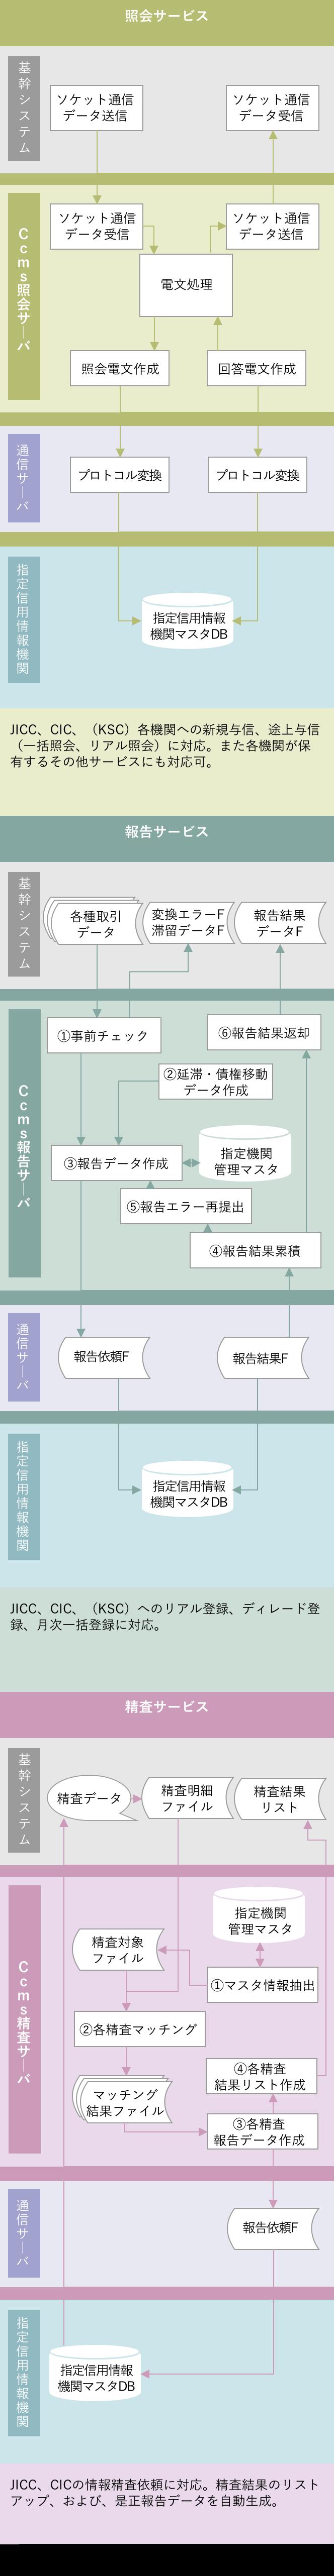 Ccms システム概要図